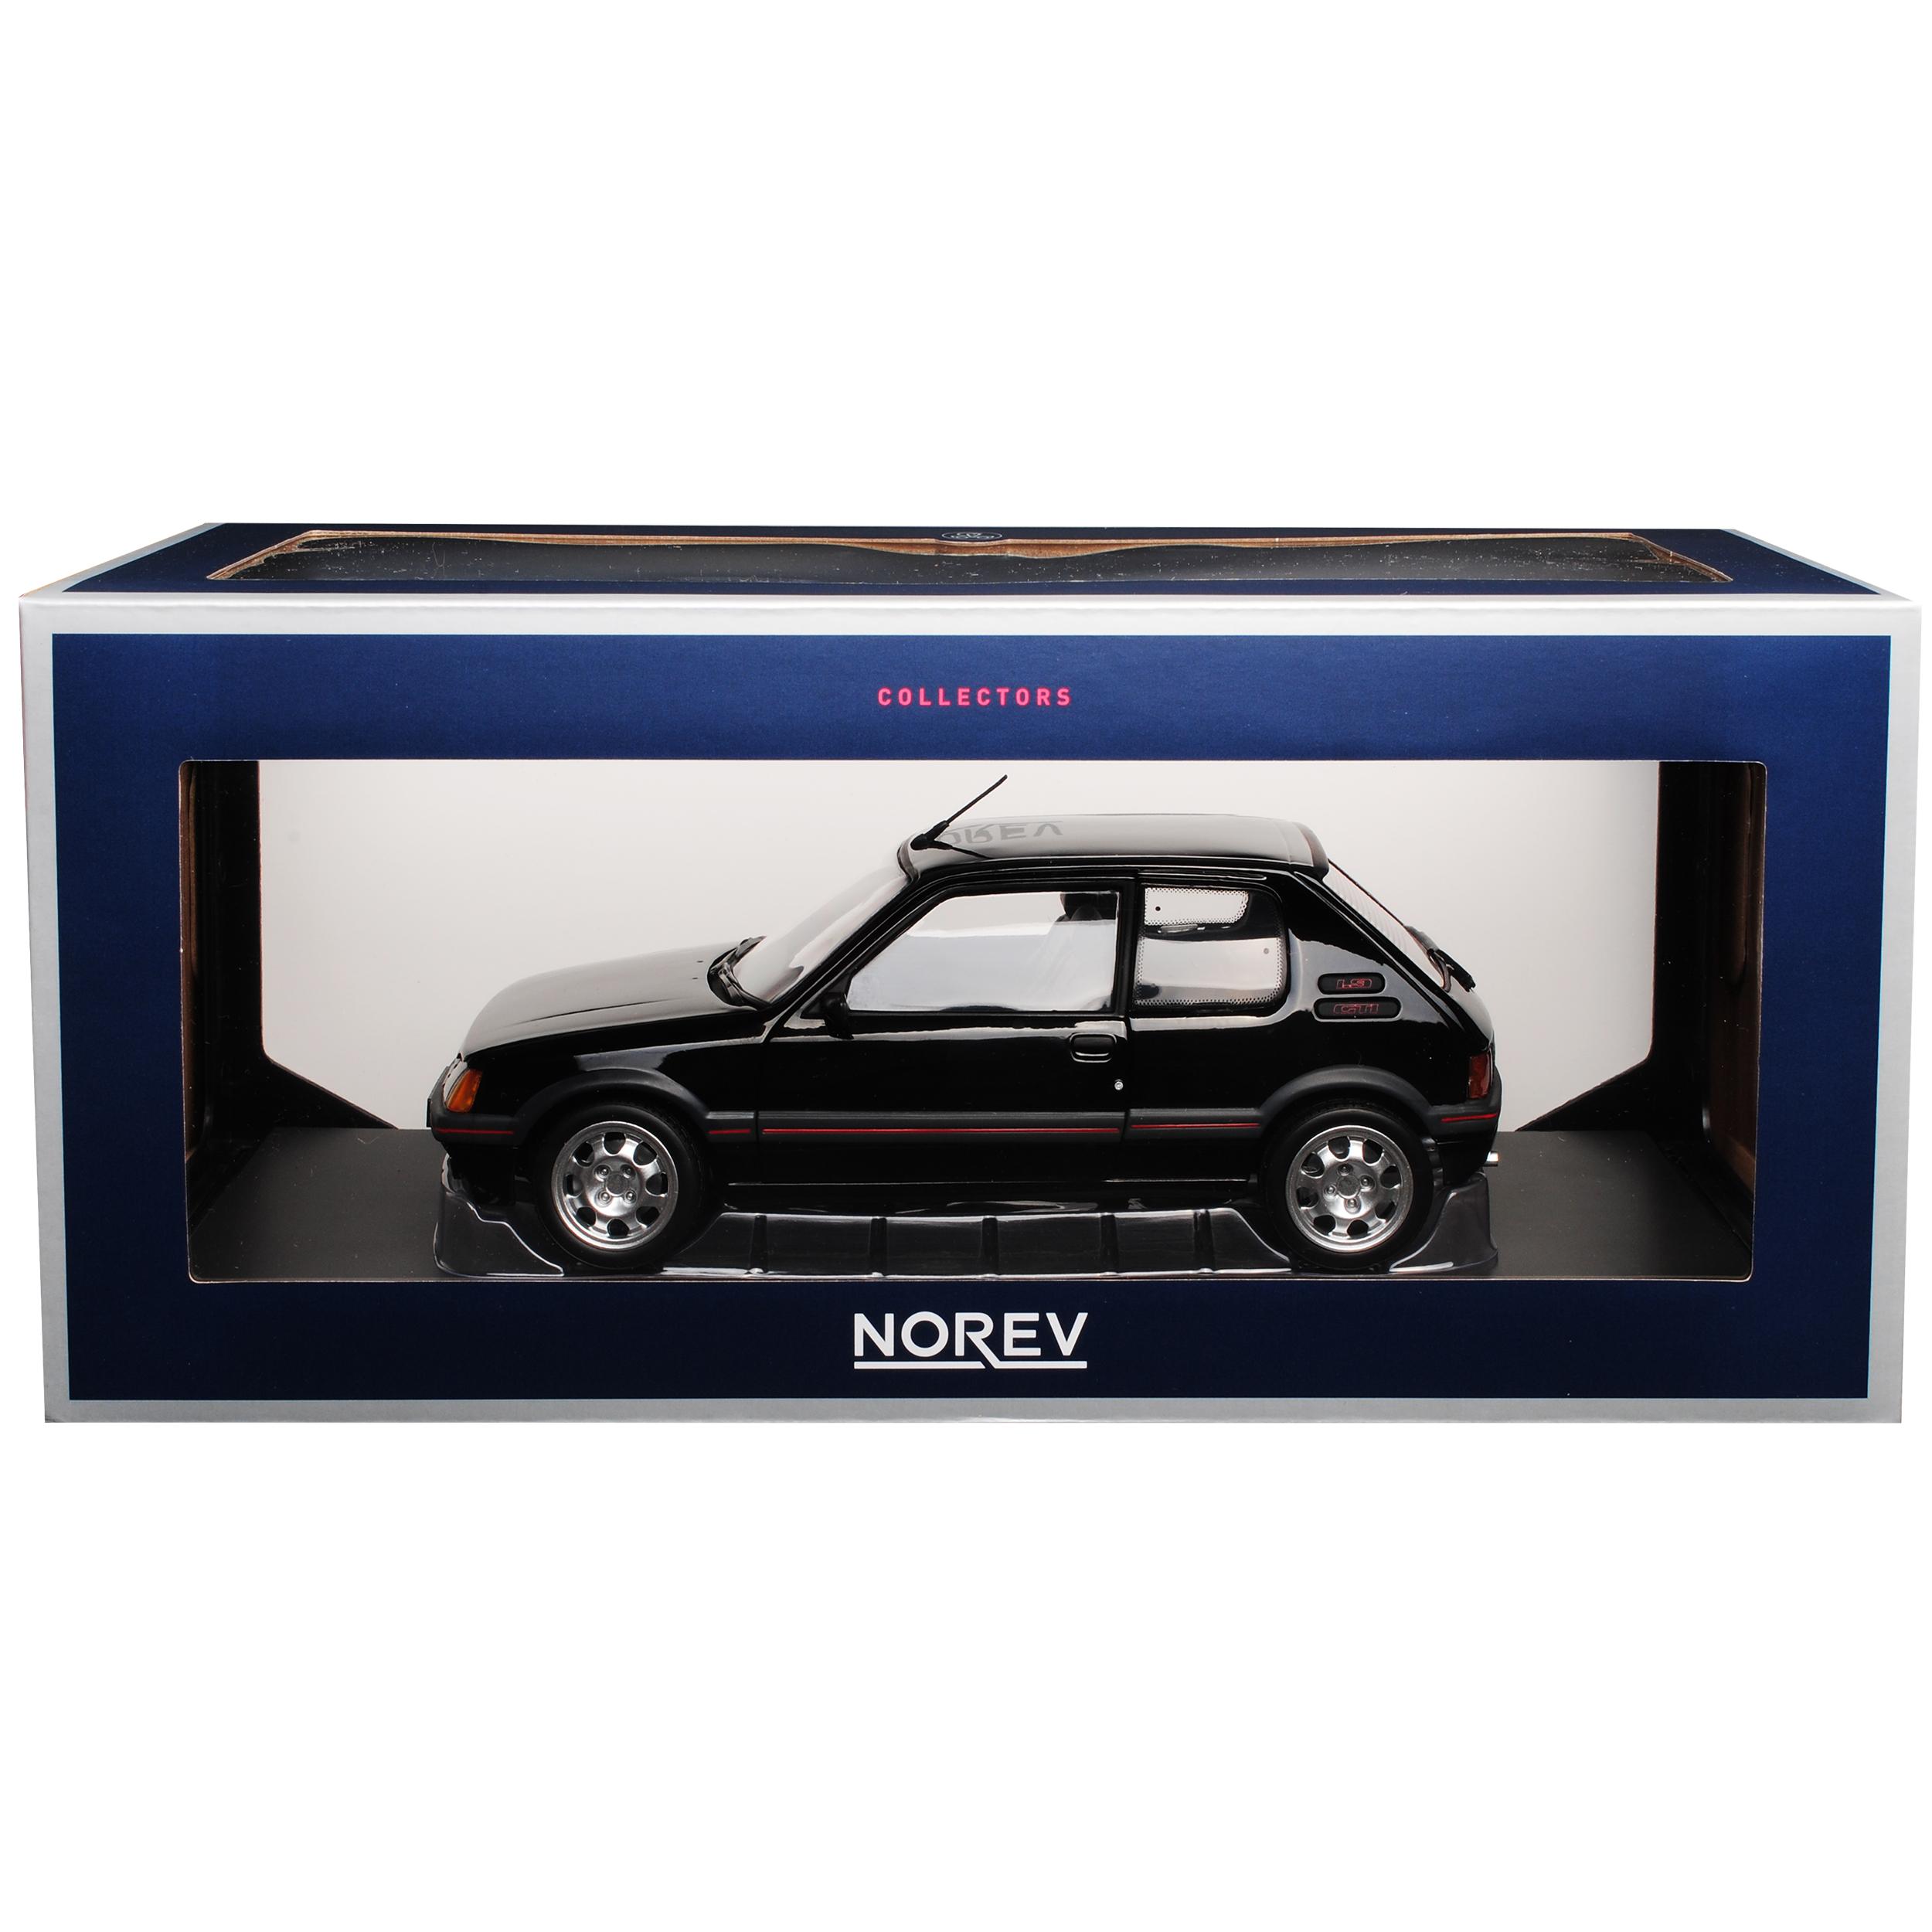 Peugeot-205-GTI-1-9-negro-1983-1998-1-18-Norev-modelos-coches-con-o-sin-ind miniatura 10